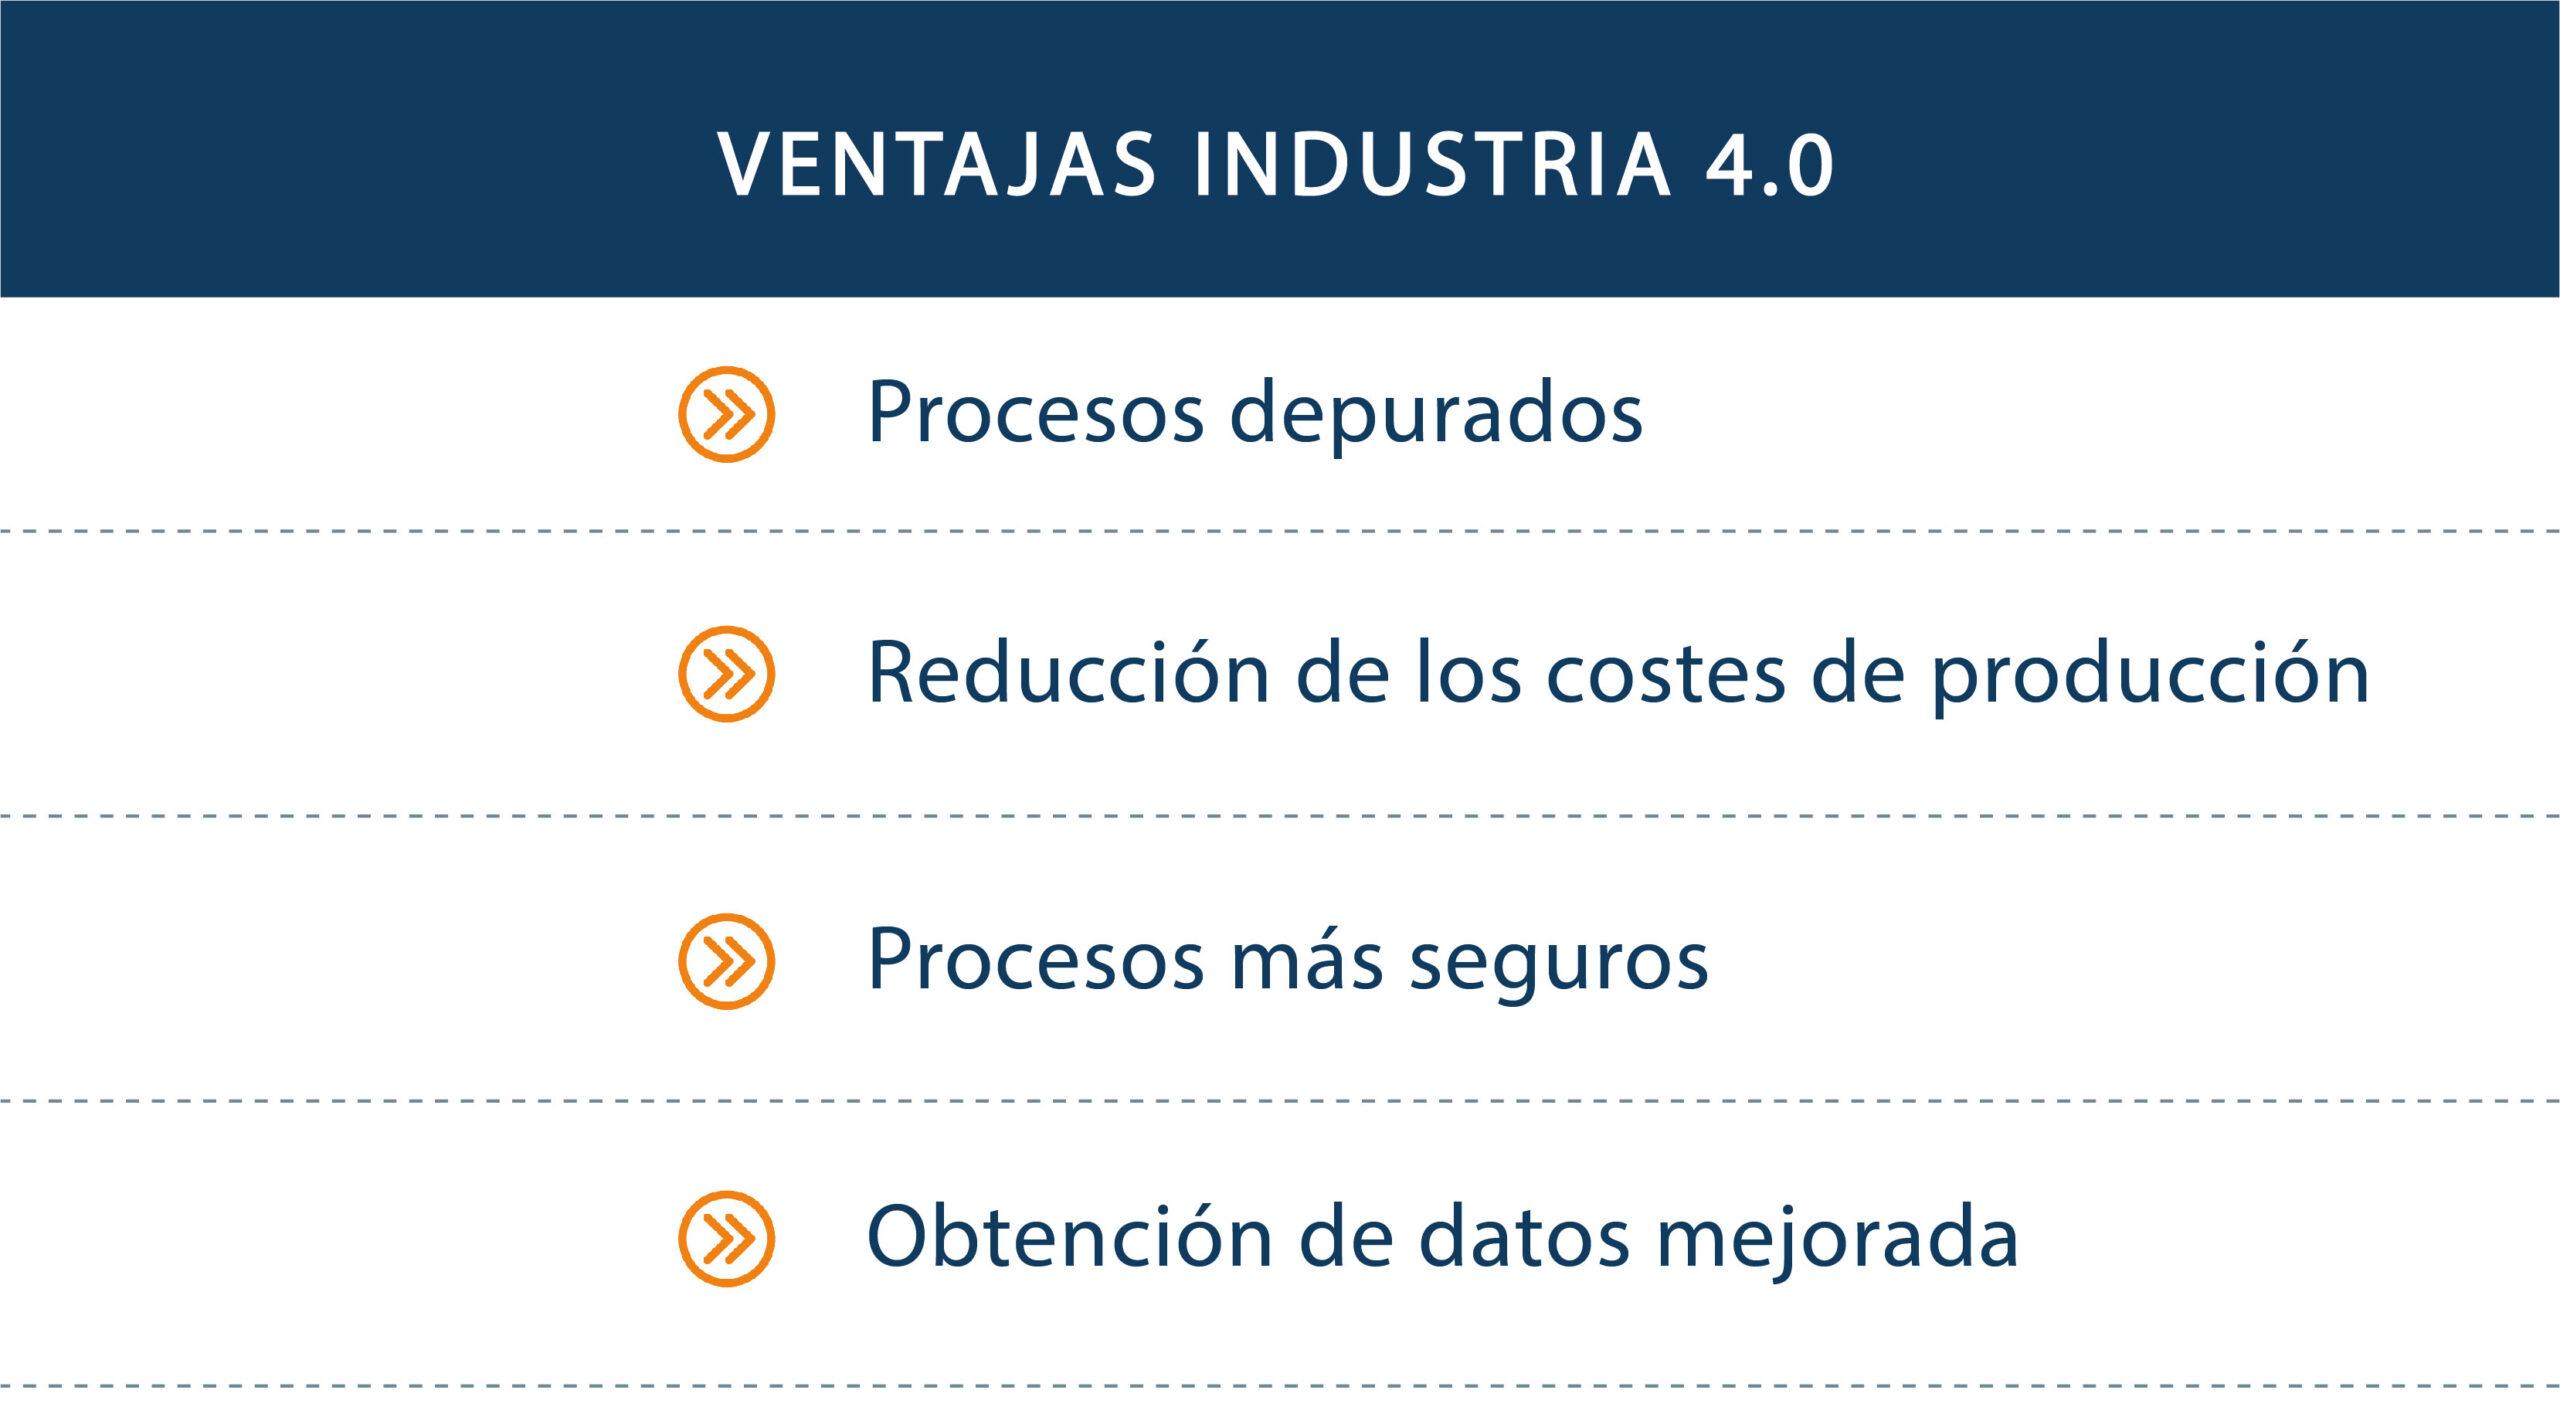 VENTAJAS INDUSTRIA 4.0